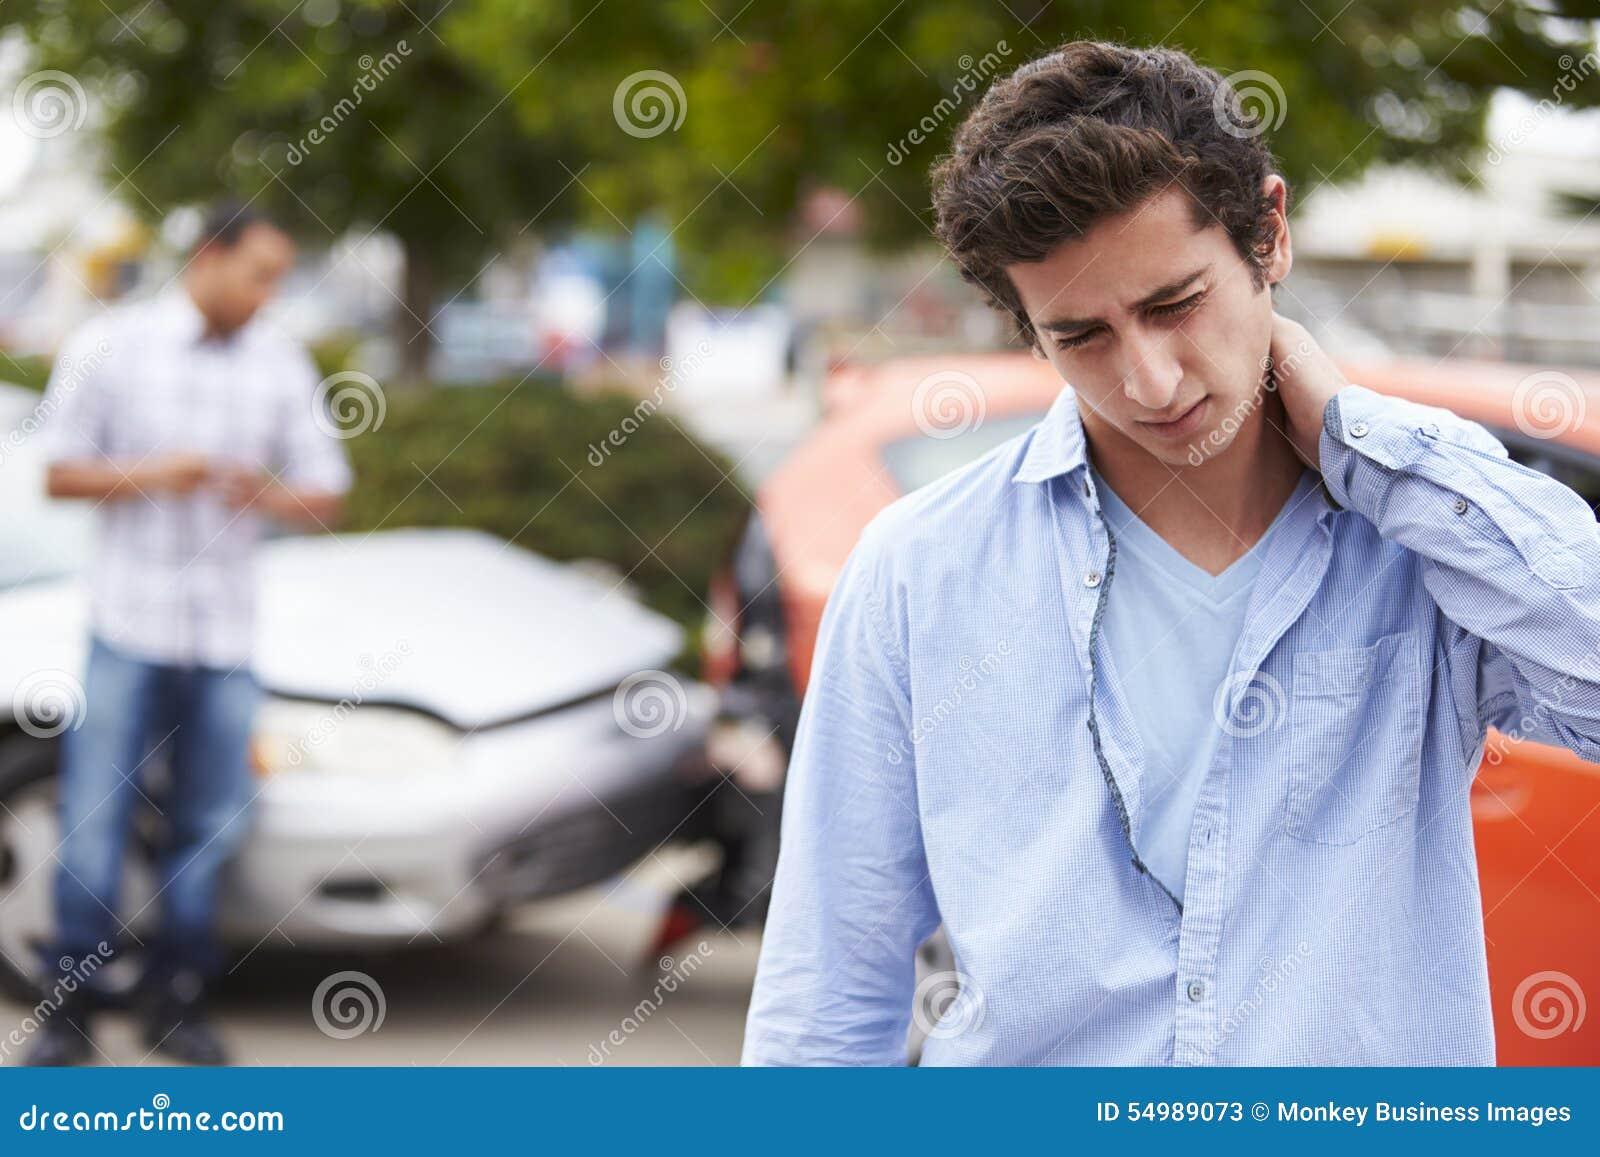 少年司机遭受的颈椎过度屈伸损伤交通事故